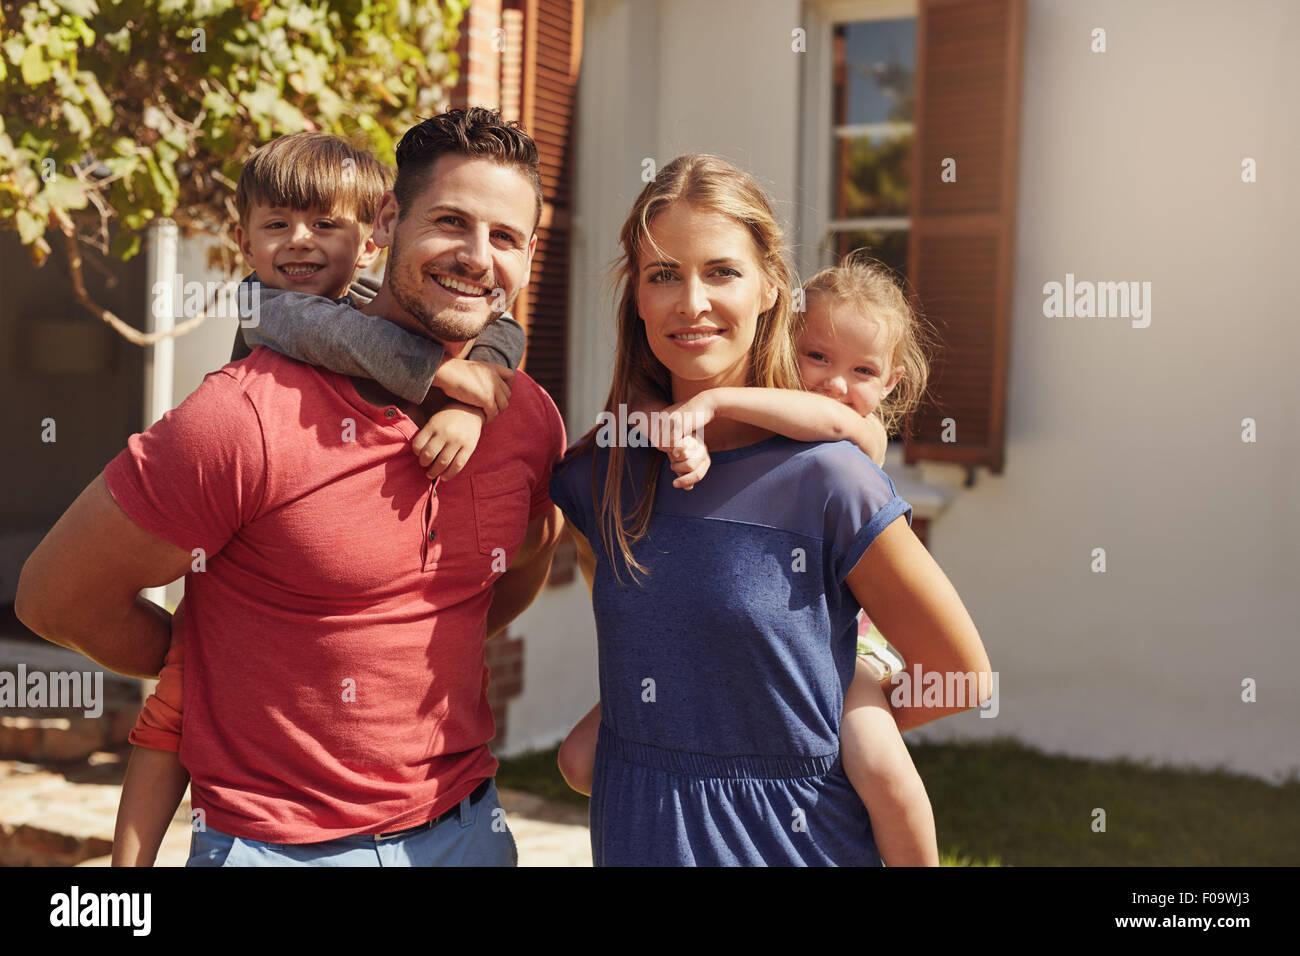 Im Freien Schuss ein glückliches Paar, die ihre Kinder auf dem Rücken tragen. Porträt einer Mutter Stockbild